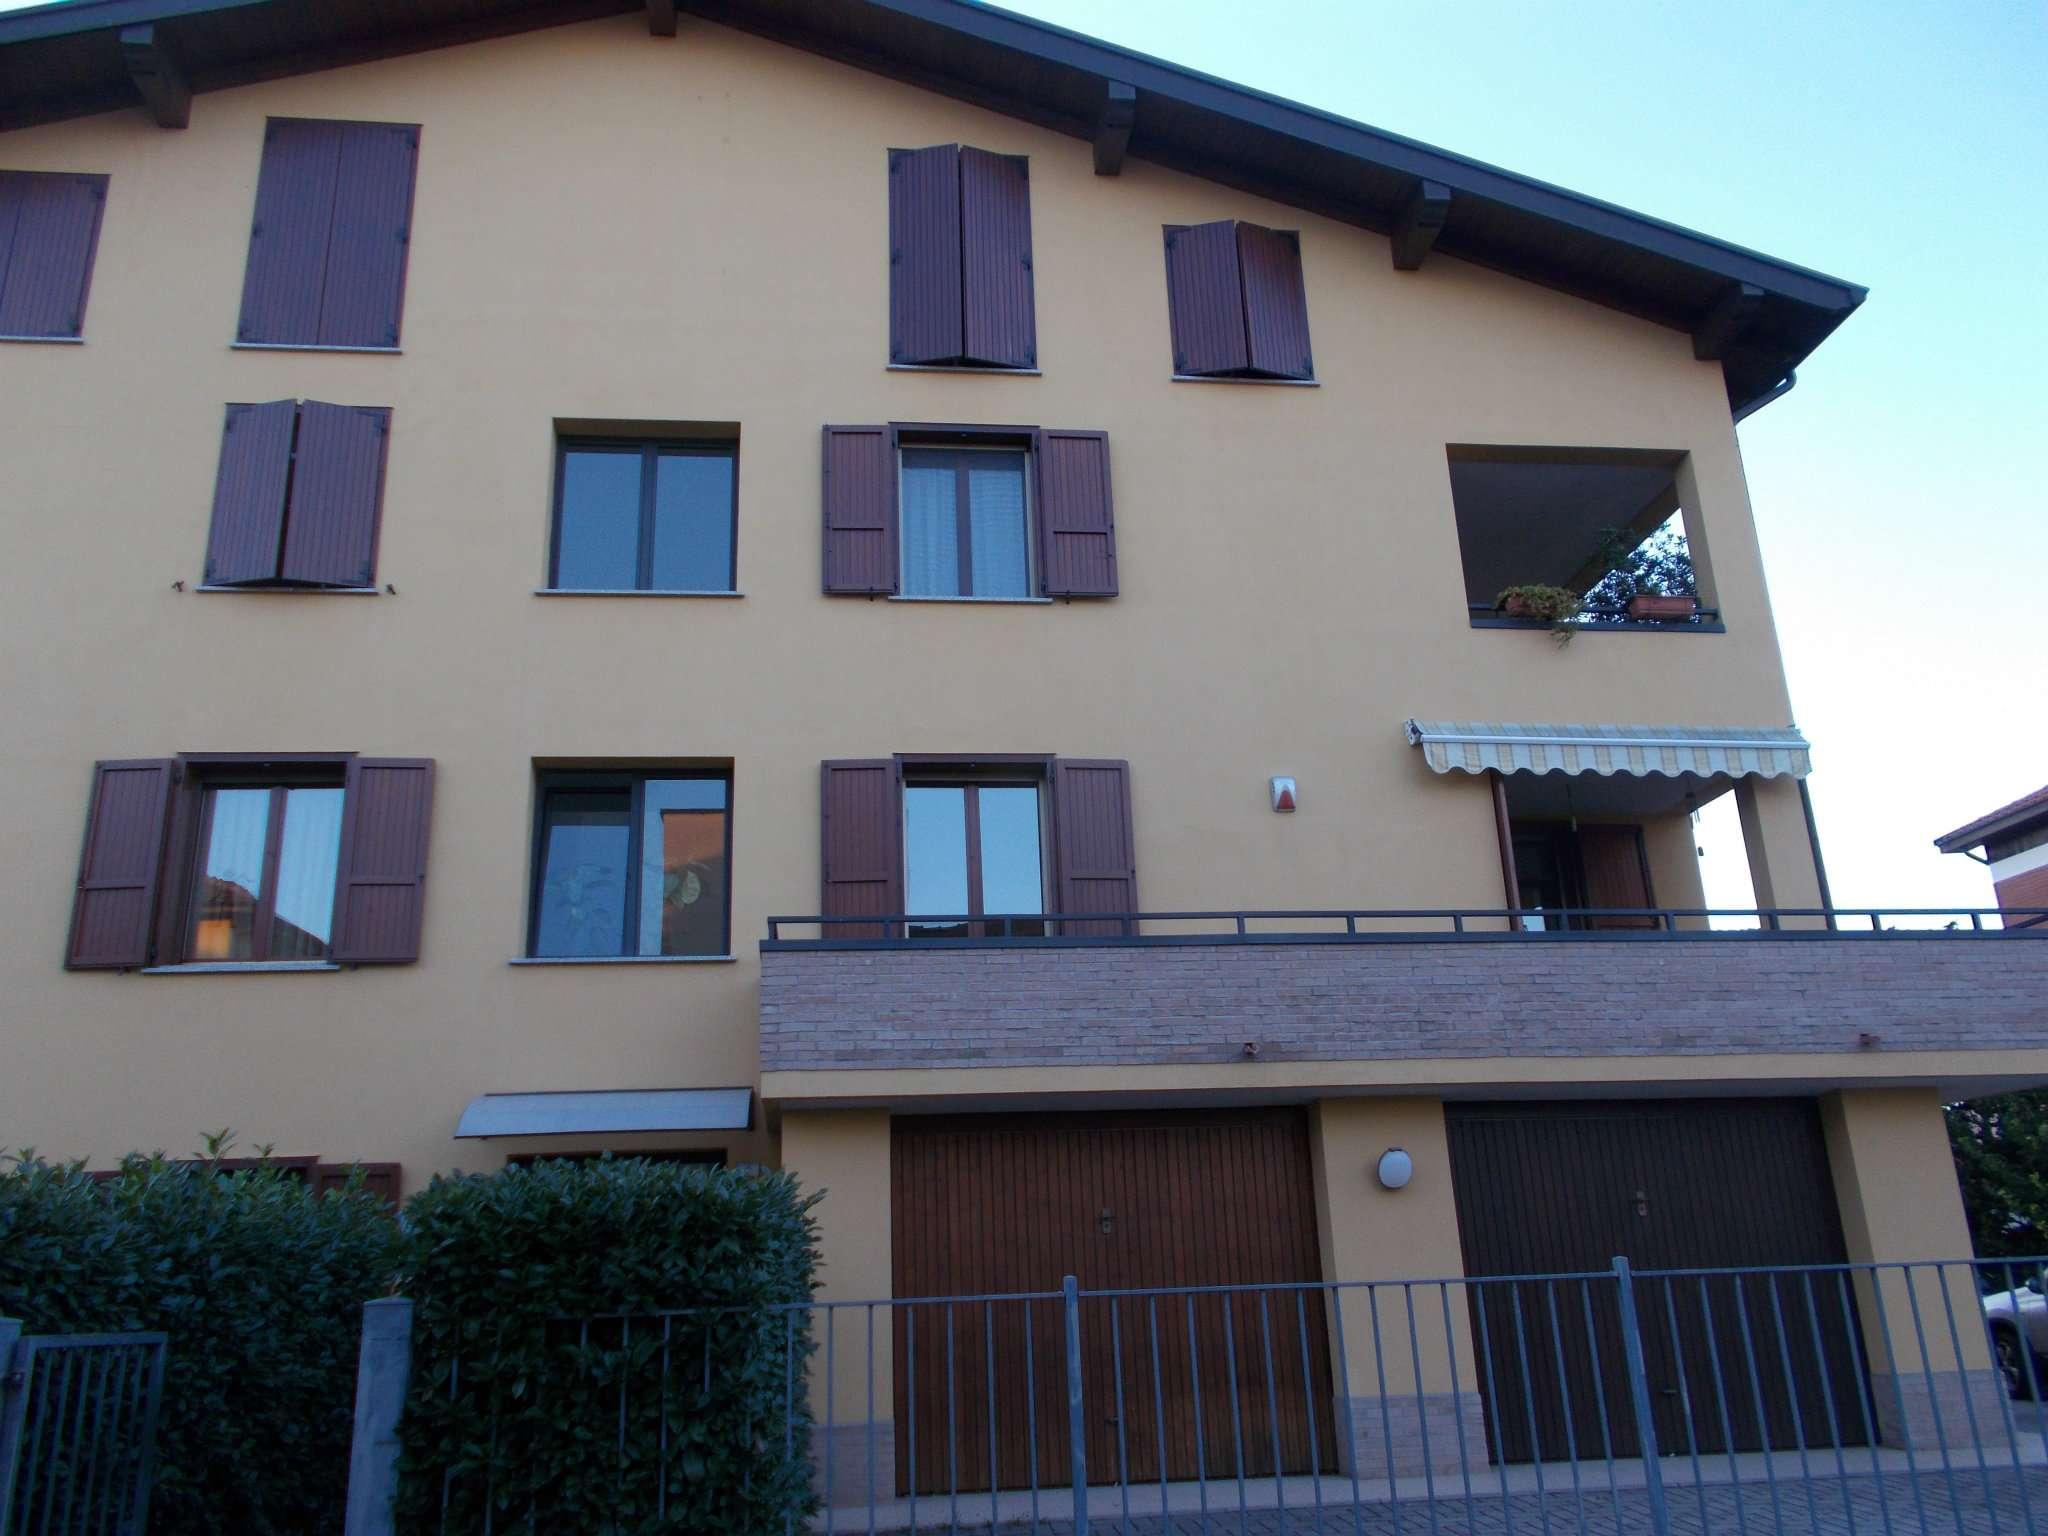 Appartamento in vendita a Reggio Emilia, 3 locali, prezzo € 145.000   CambioCasa.it